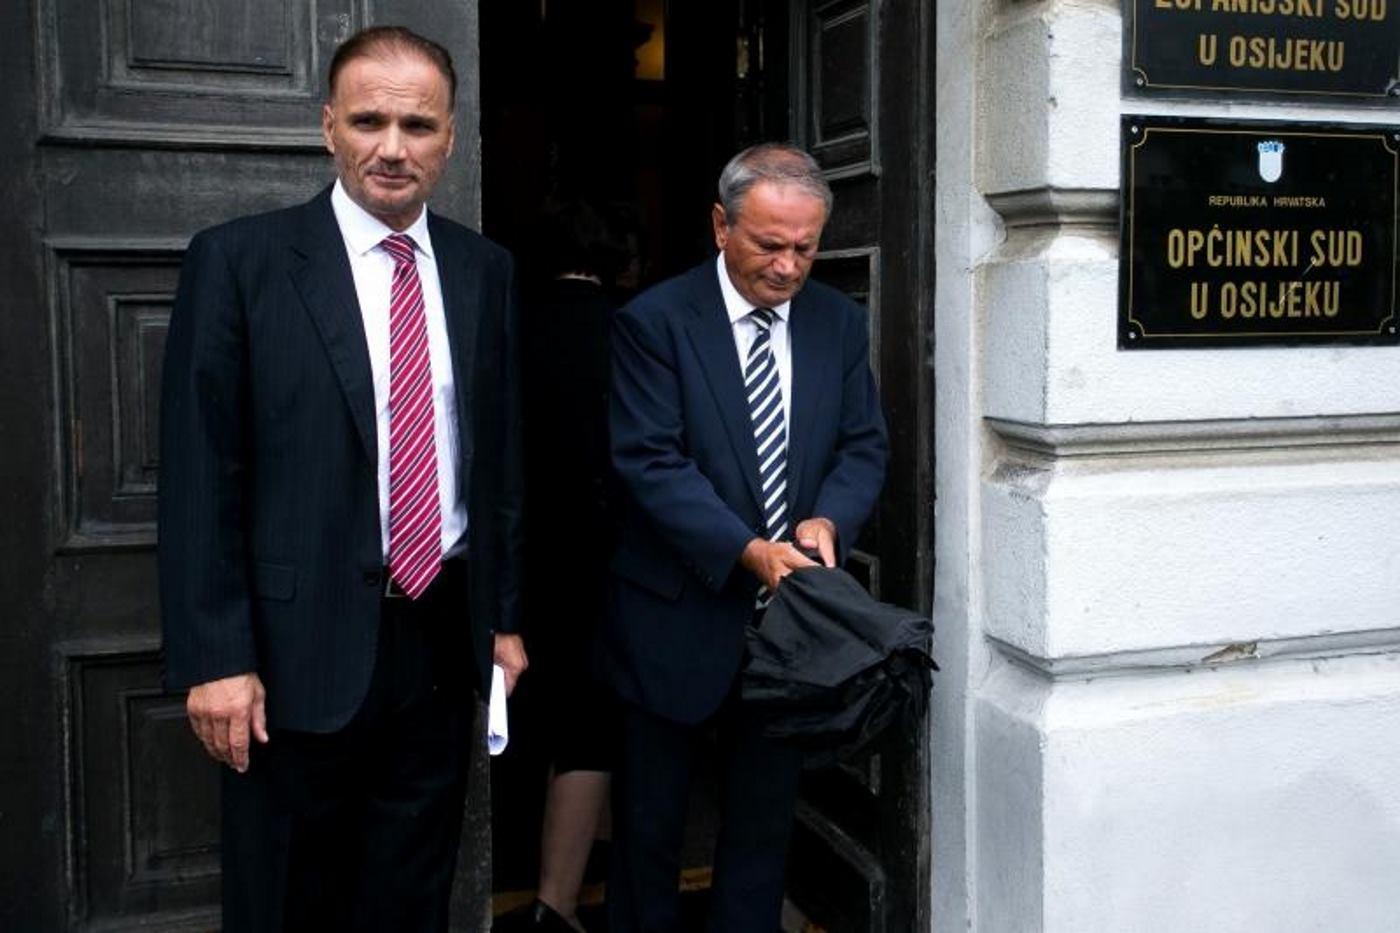 Bivši vukovarski gradonačelnik Željko Sabo osuđen je na osam mjeseci zatvora zbog pokušaja potkupljivanja vijećnika Vukovarskog gradskog vijeća. U Požeškom slučaju je do spornih zapošljavanja i došlo. Bit će zanimljivo pratiti dinamiku rada institucija u ovom slučaju.  FOTO: Davor Javorovic/PIXSELL